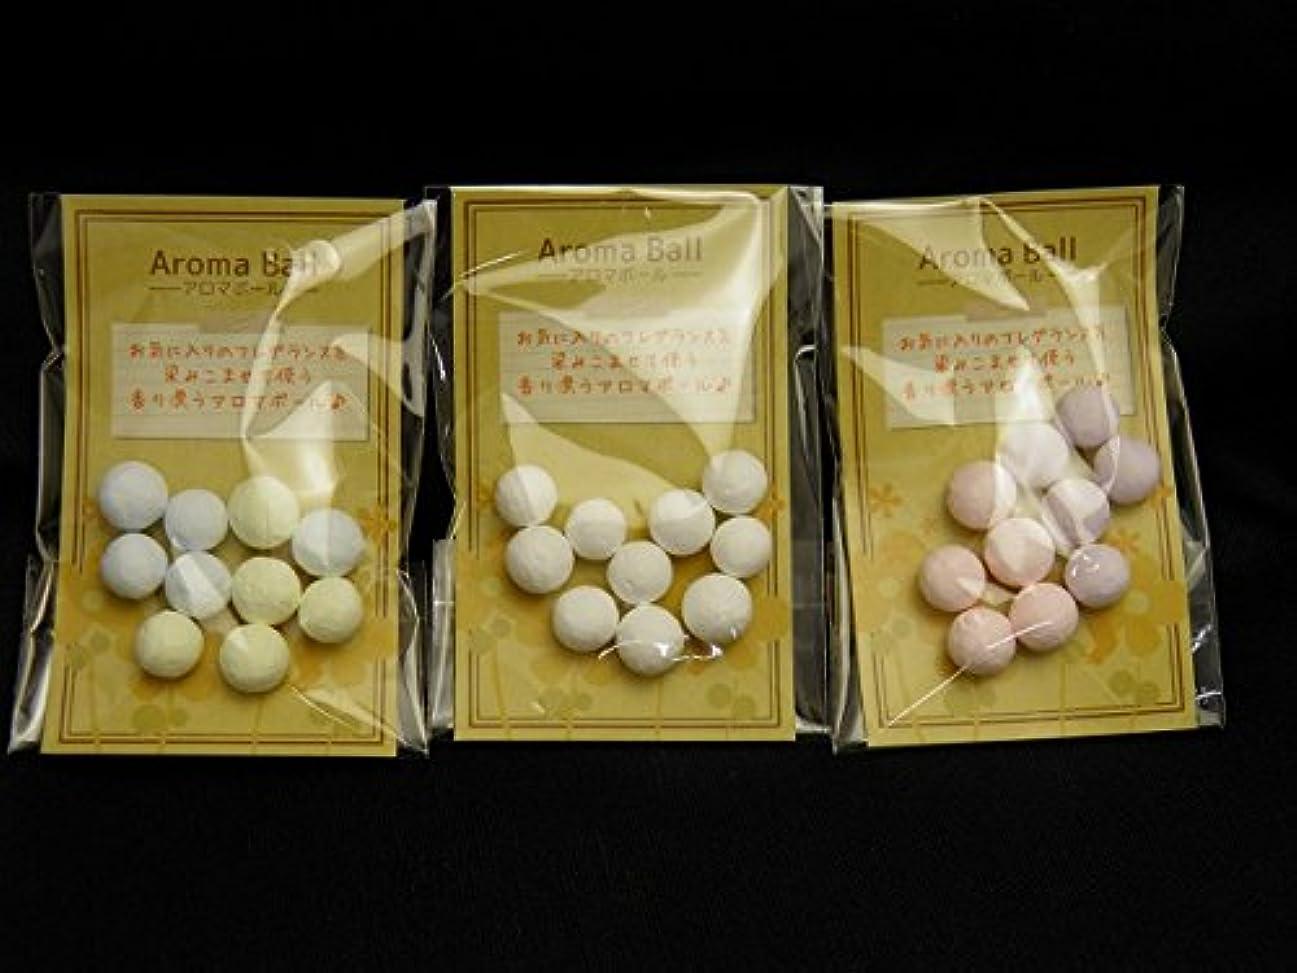 案件オセアニアストライドインペリアルオーラ 3種類 アロマボールレフィル 10粒入り(2色各5粒) ブルー/イエロー